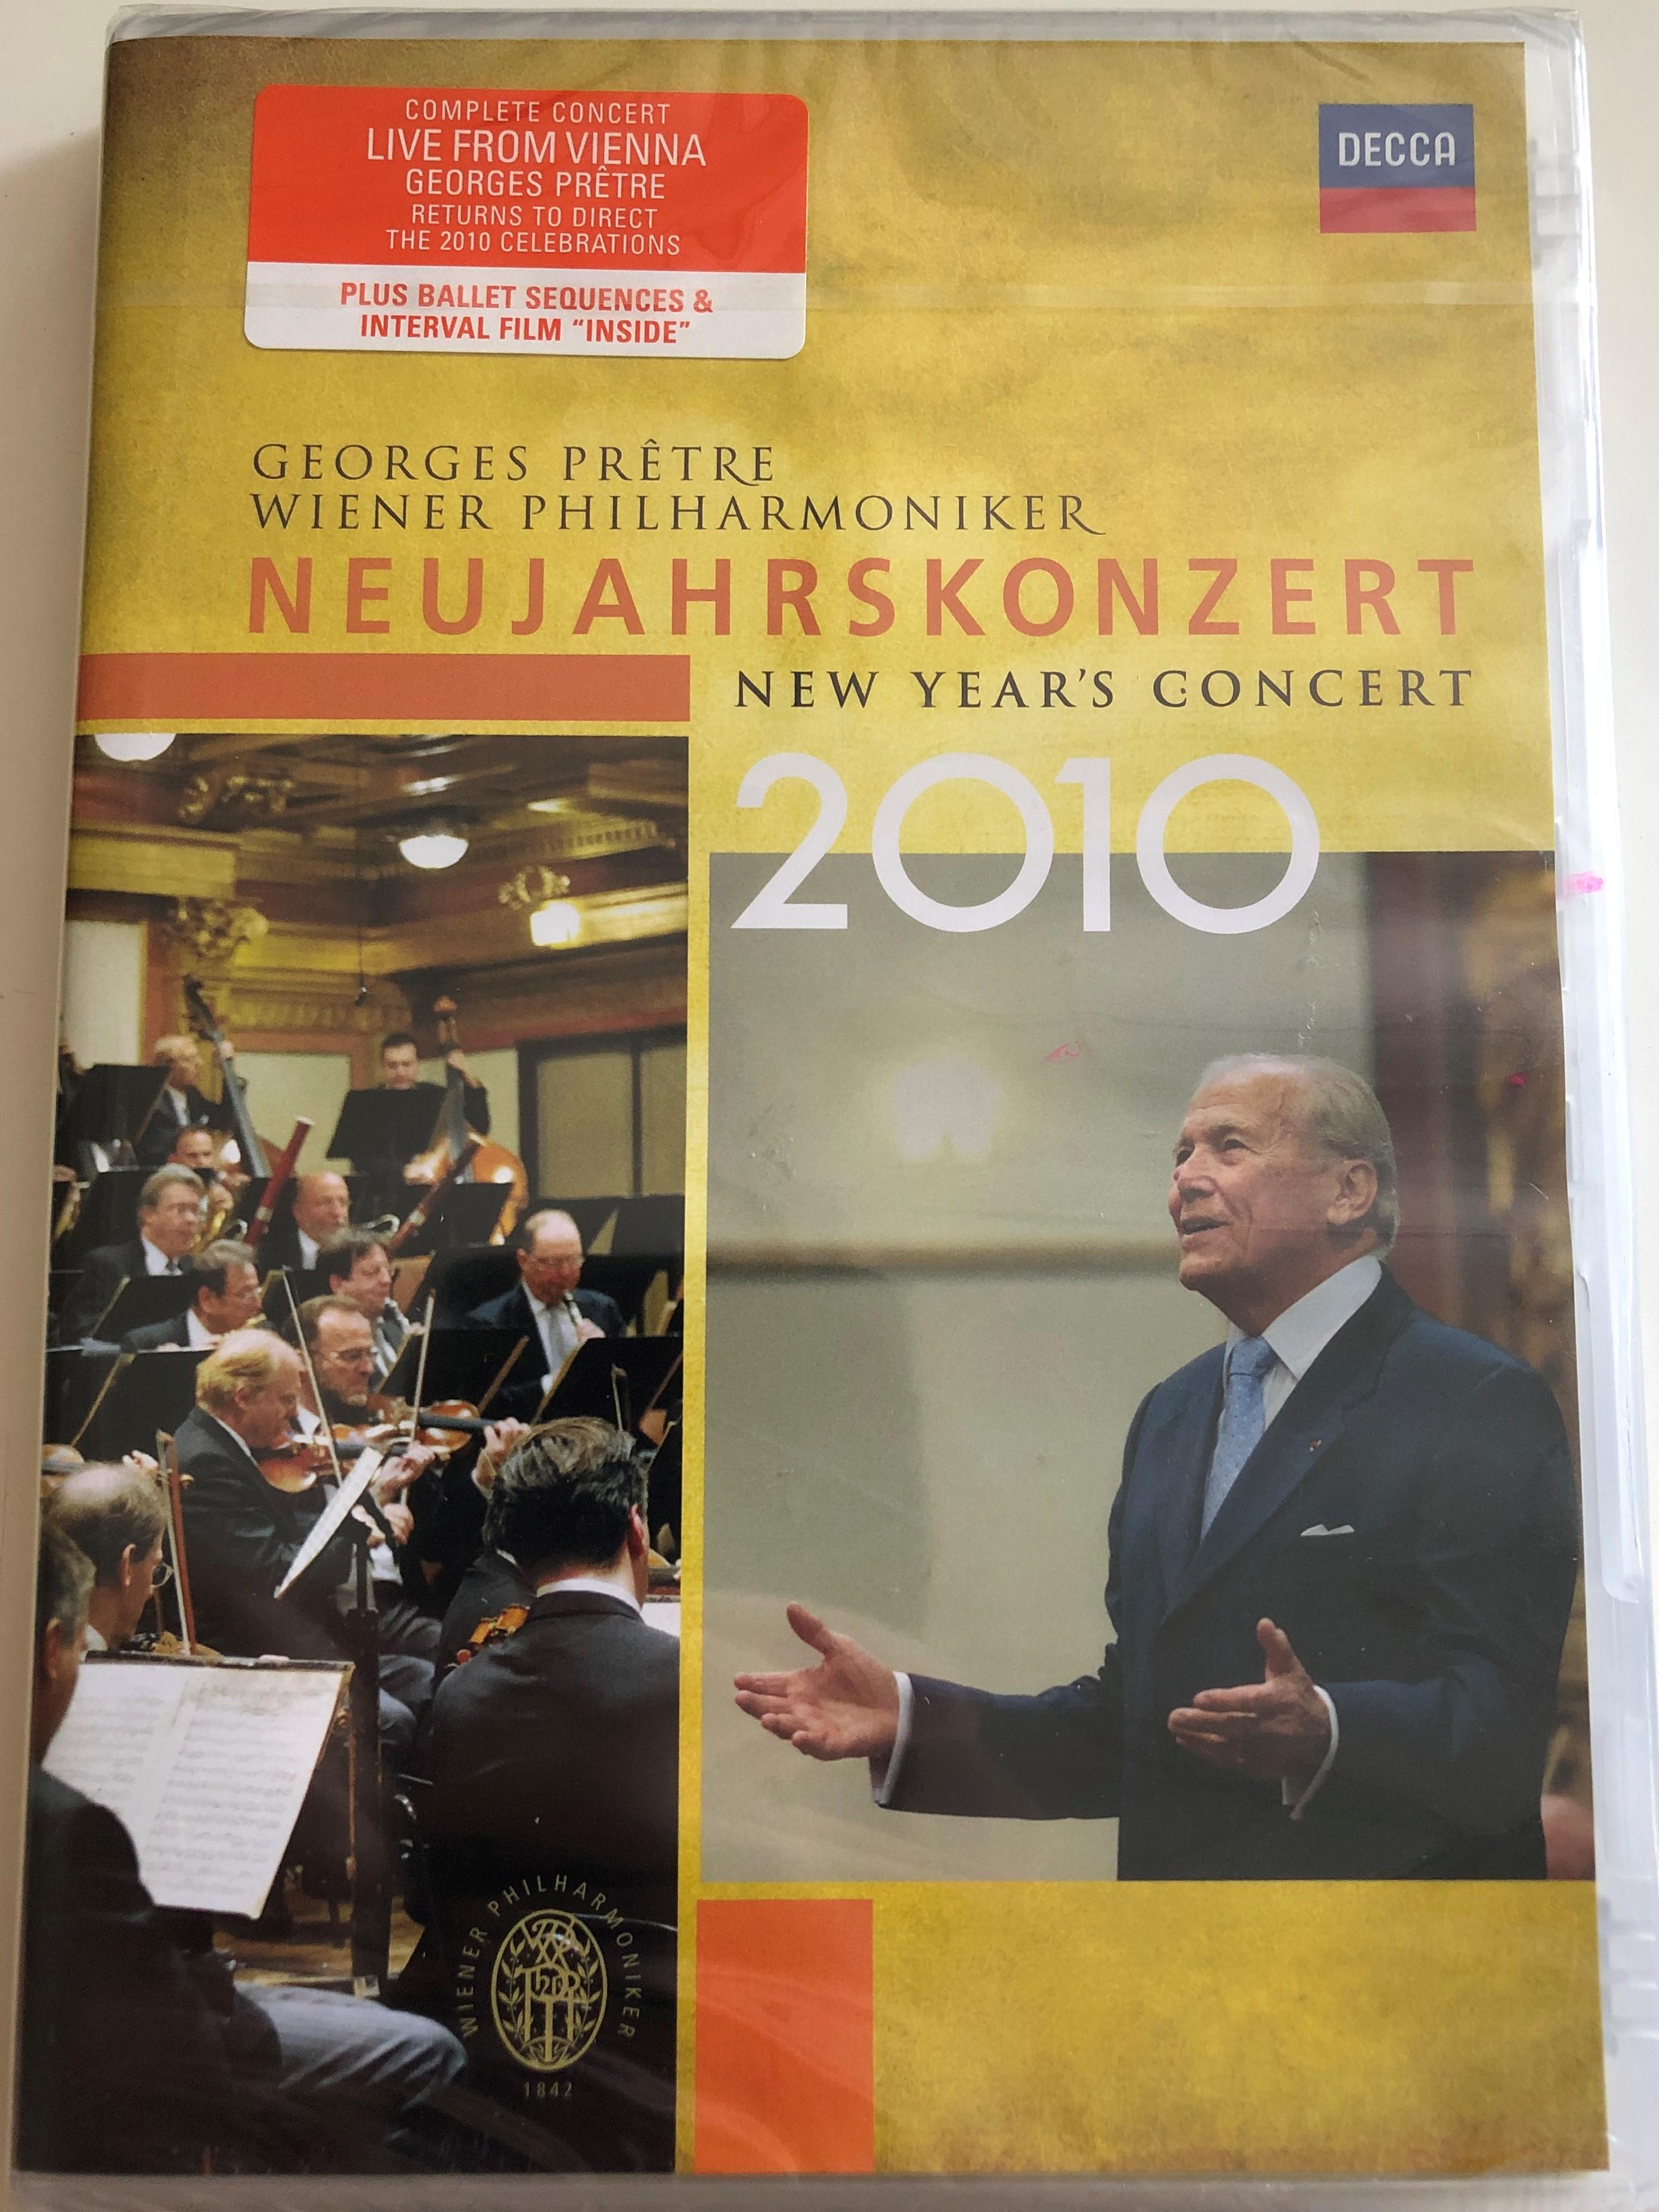 georges-pretre-wiener-philharmoniker-neujahrskonzert-2010-dvd-new-year-s-concert-live-from-vienna-decca-074-3376-1-.jpg